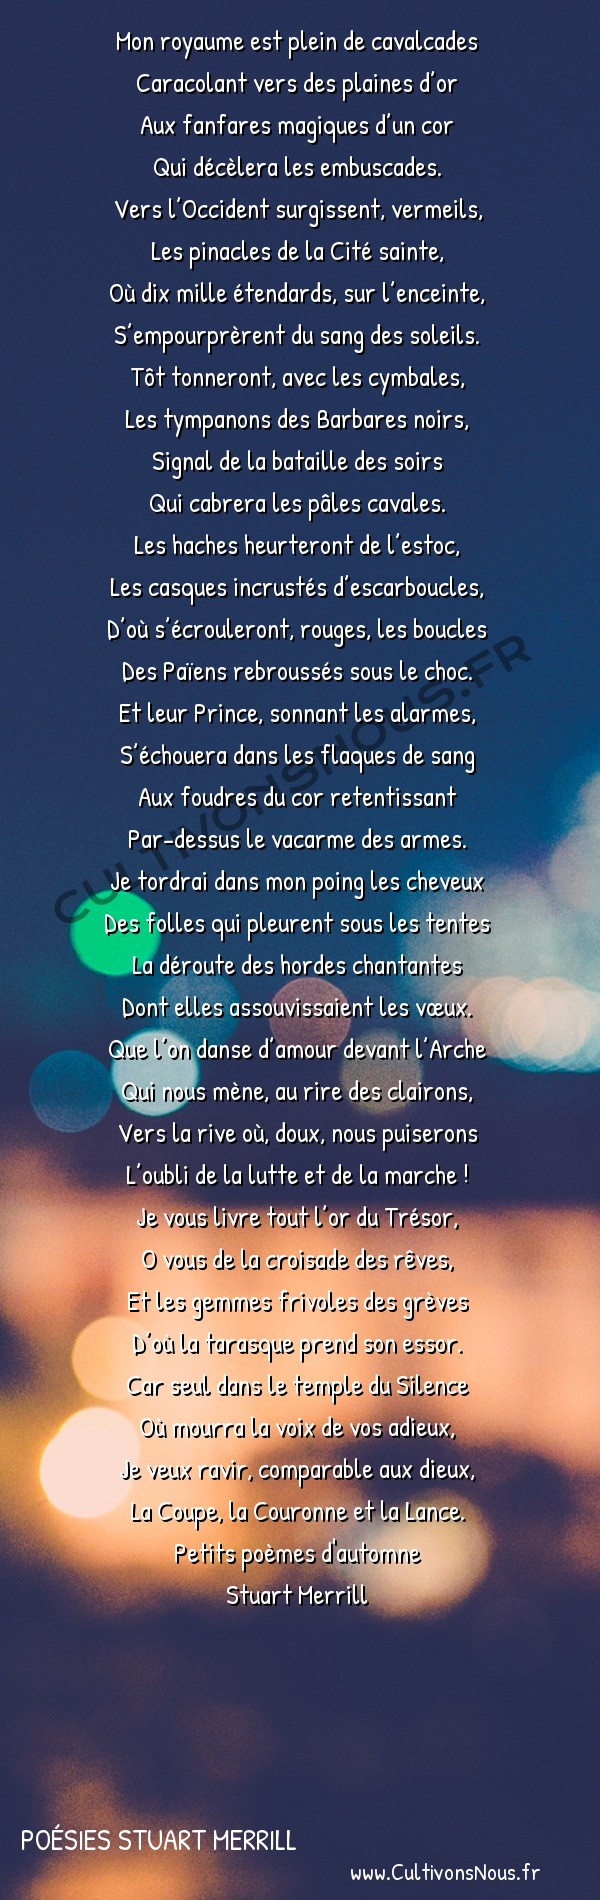 Poésies Stuart Merrill - Petits poèmes d'automne - Mon royaume est plein de cavalcades -  Mon royaume est plein de cavalcades Caracolant vers des plaines d'or